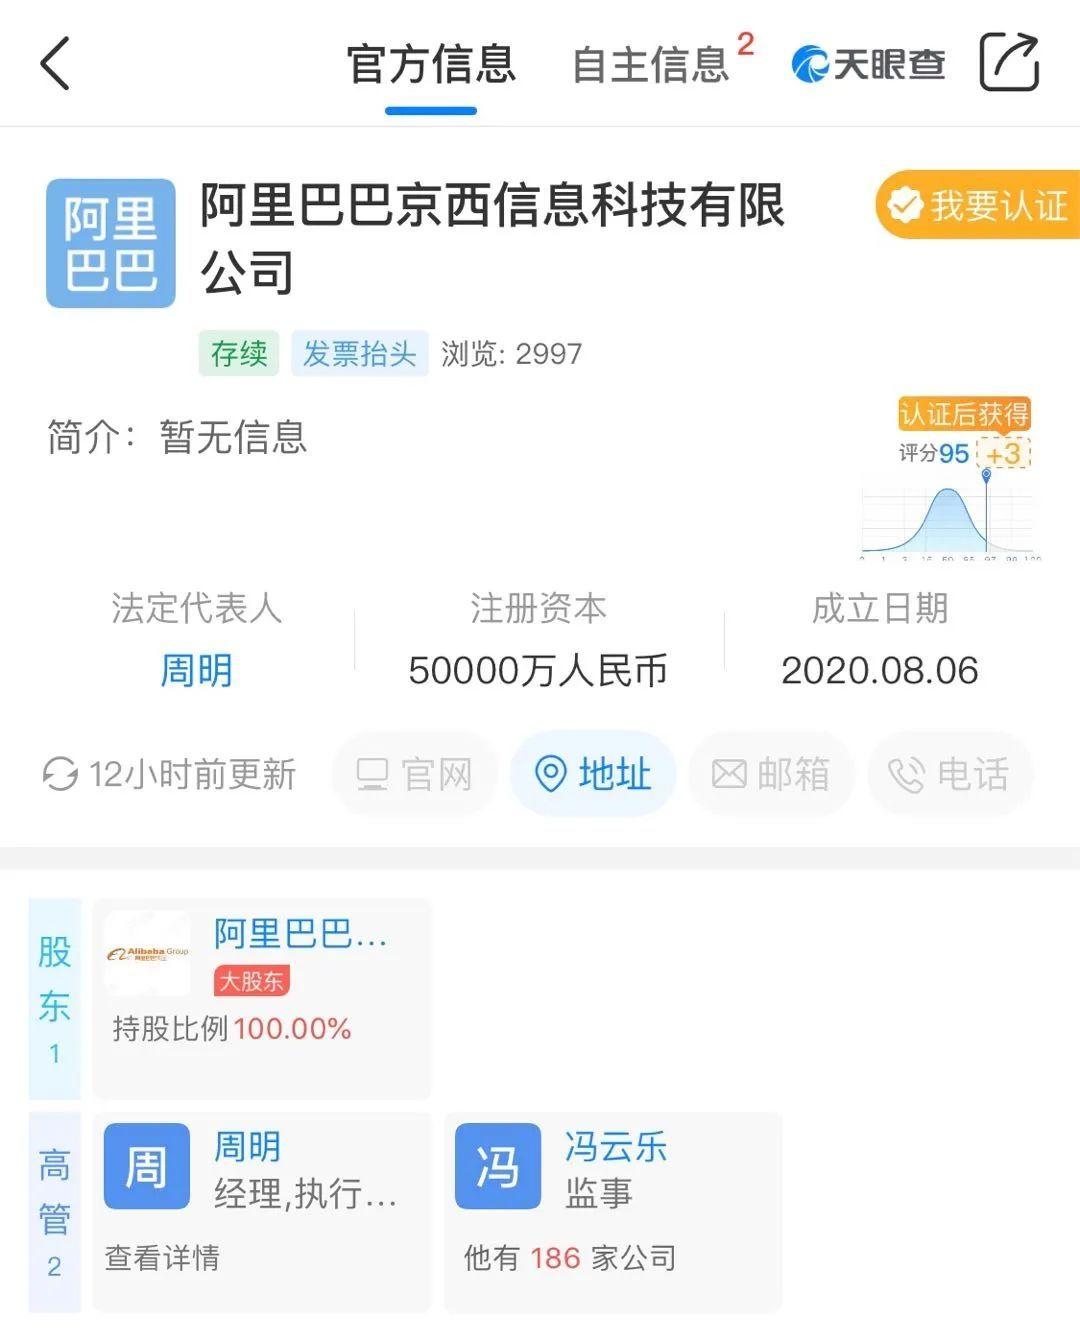 阿里巴巴注册新公司:京西!官方回应:因在北京西边…